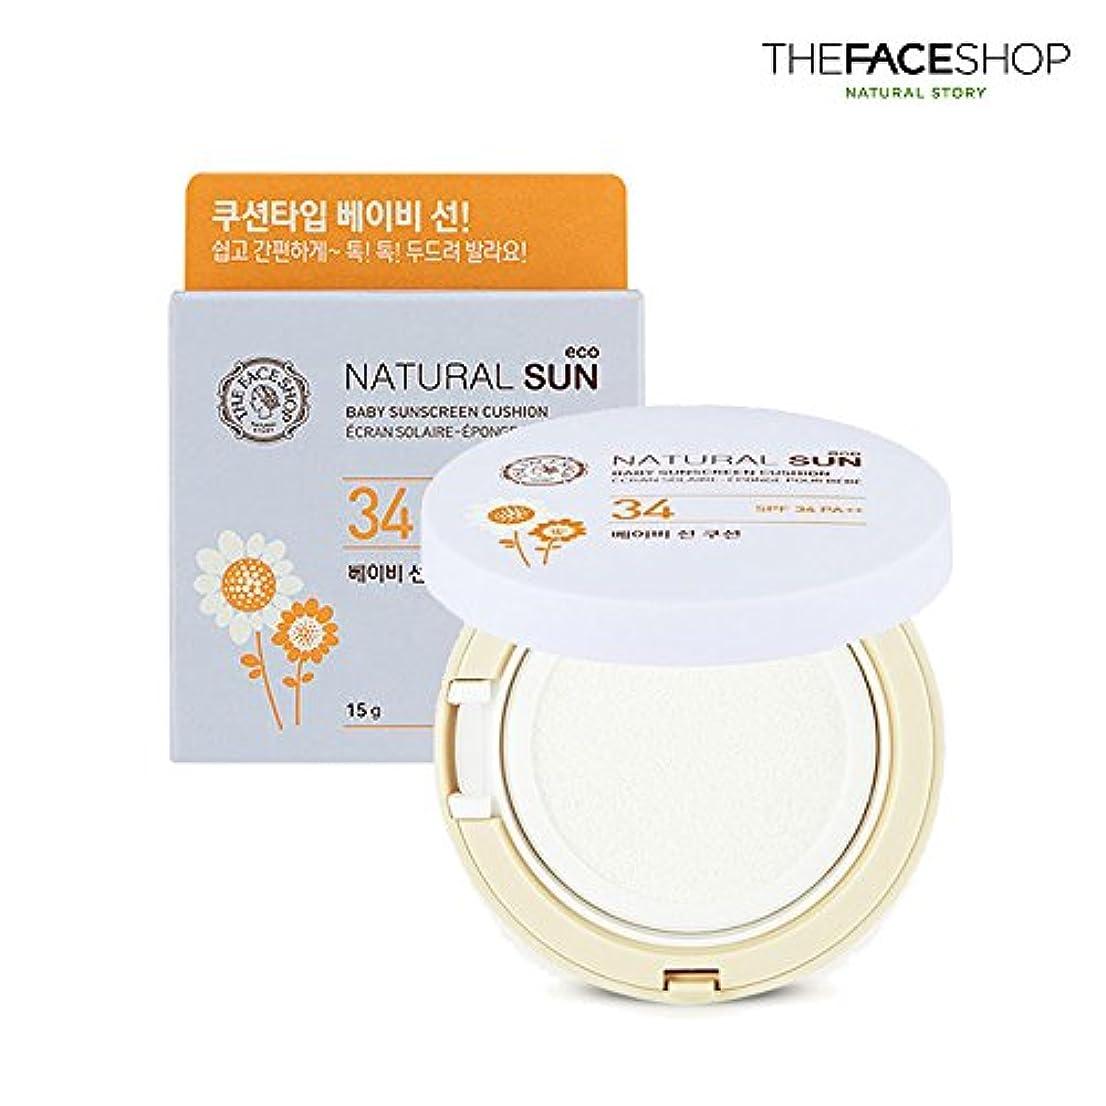 残酷な助言推定するthe face shop Natural Sun ECO baby sunscreen cushion 34 PA++ 赤ちゃんサンスクリーンクッション